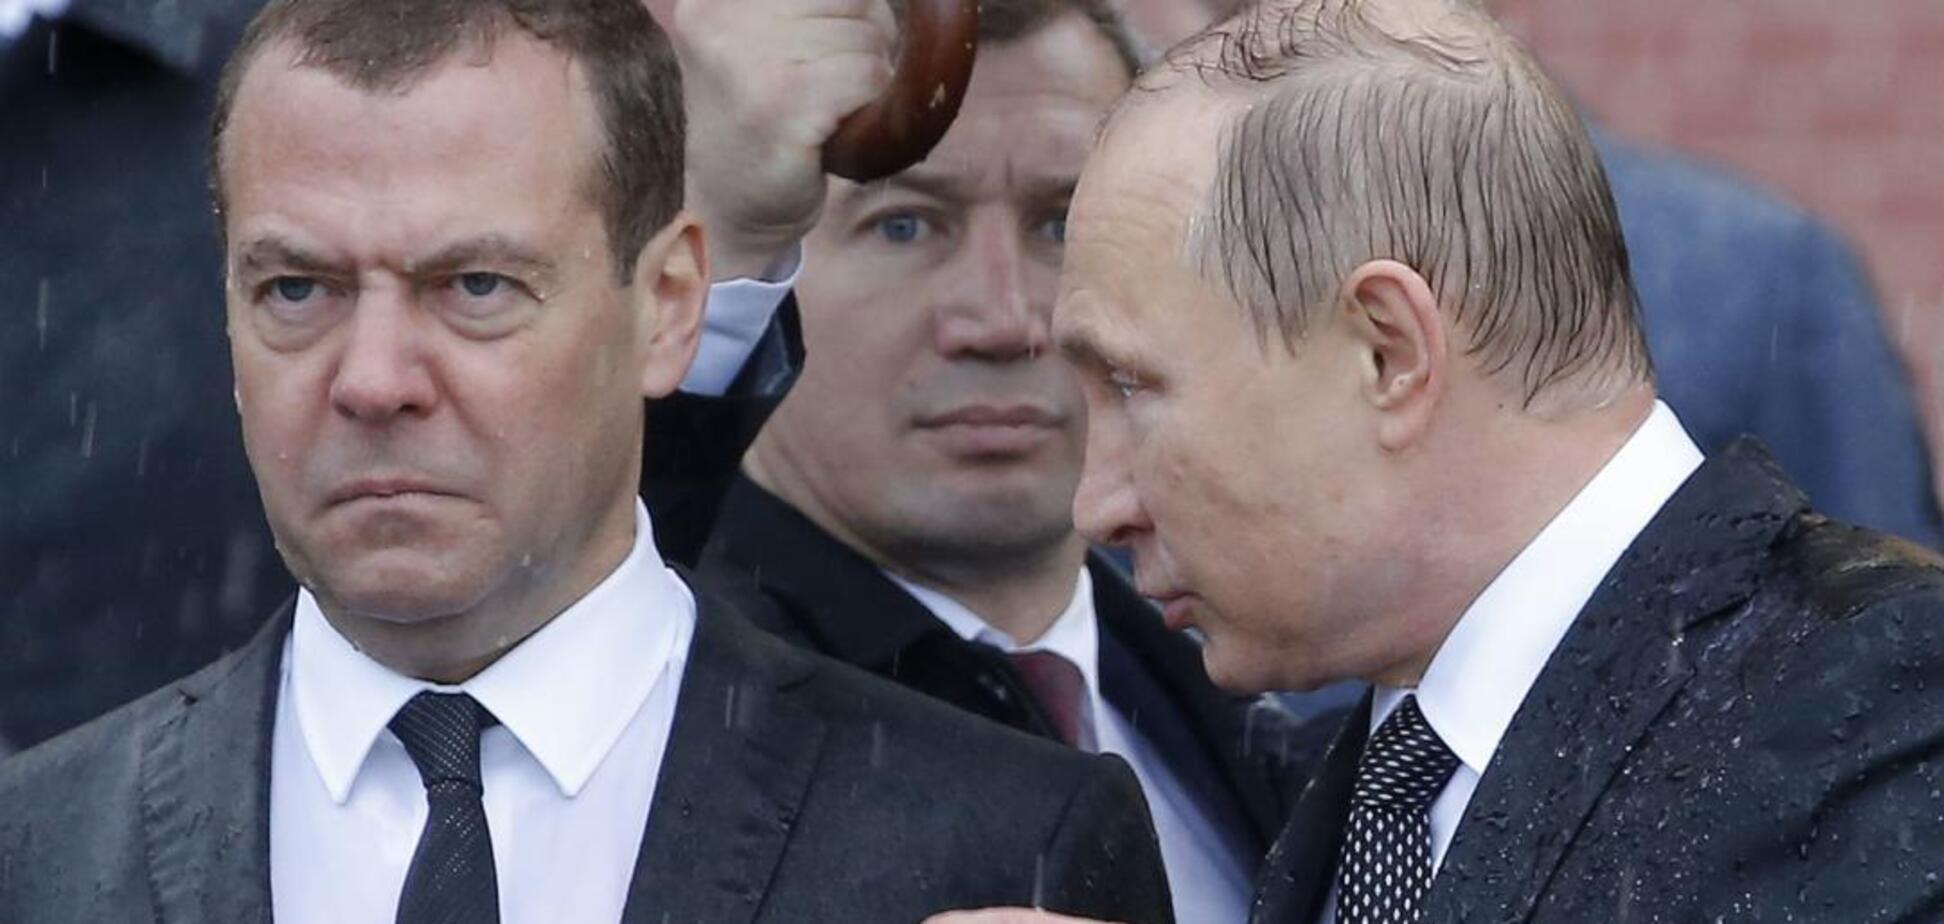 Байден и Харрис еще сыграют свою роль в привлечении путинской ОПГ к ответу